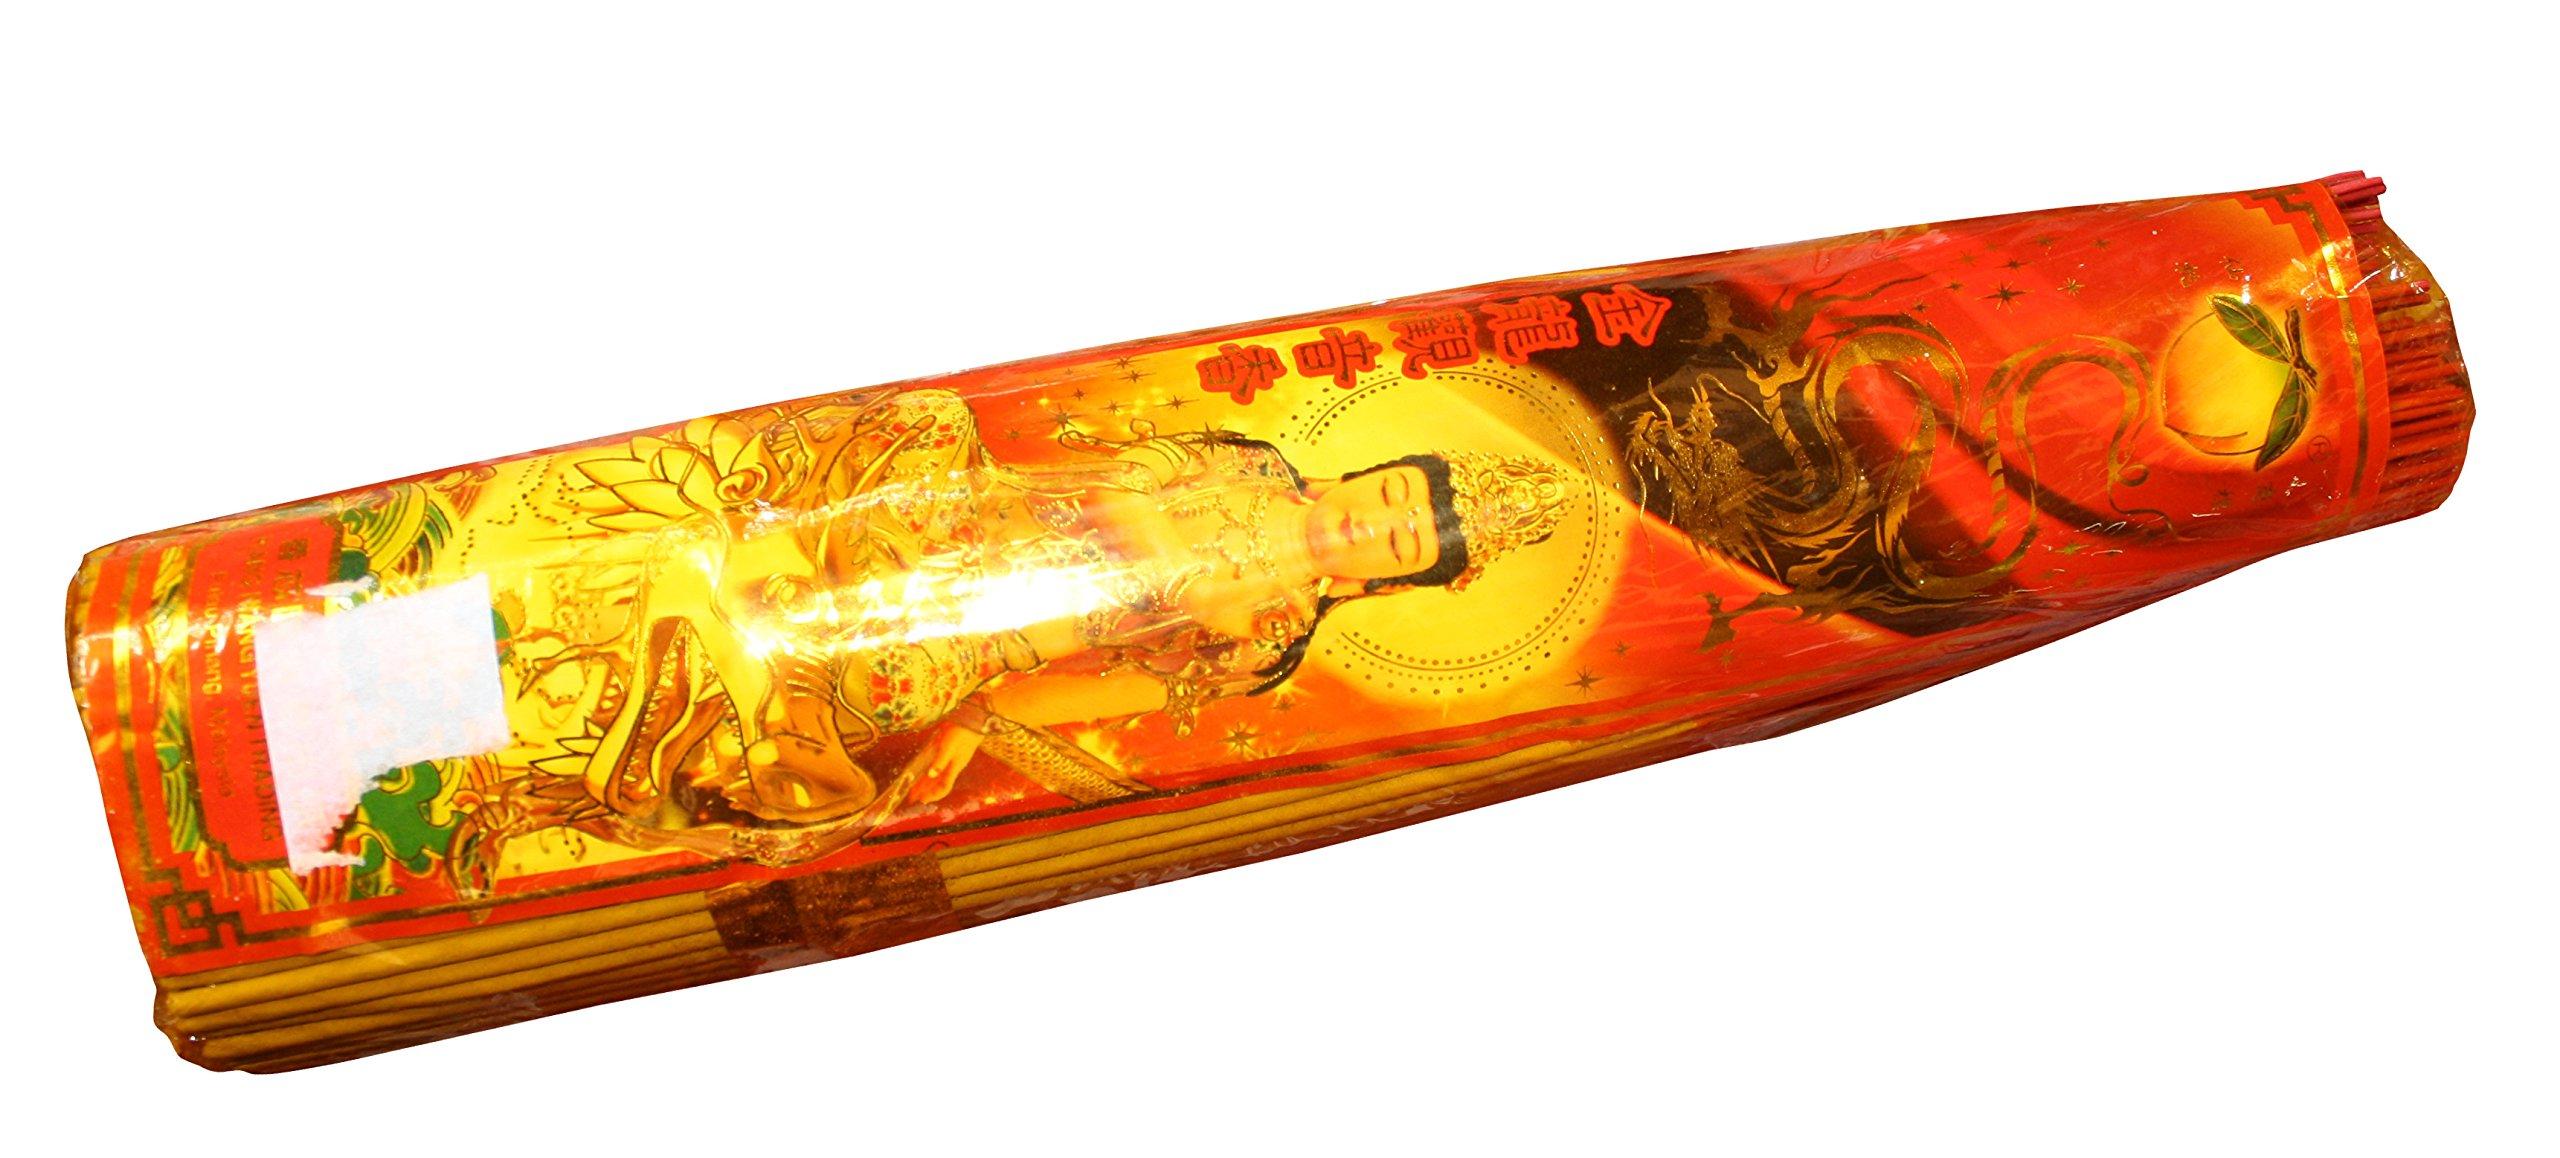 Full Funk TupHom Thai Bhuddhist Incense Joss Sticks 13'' - 800pcs